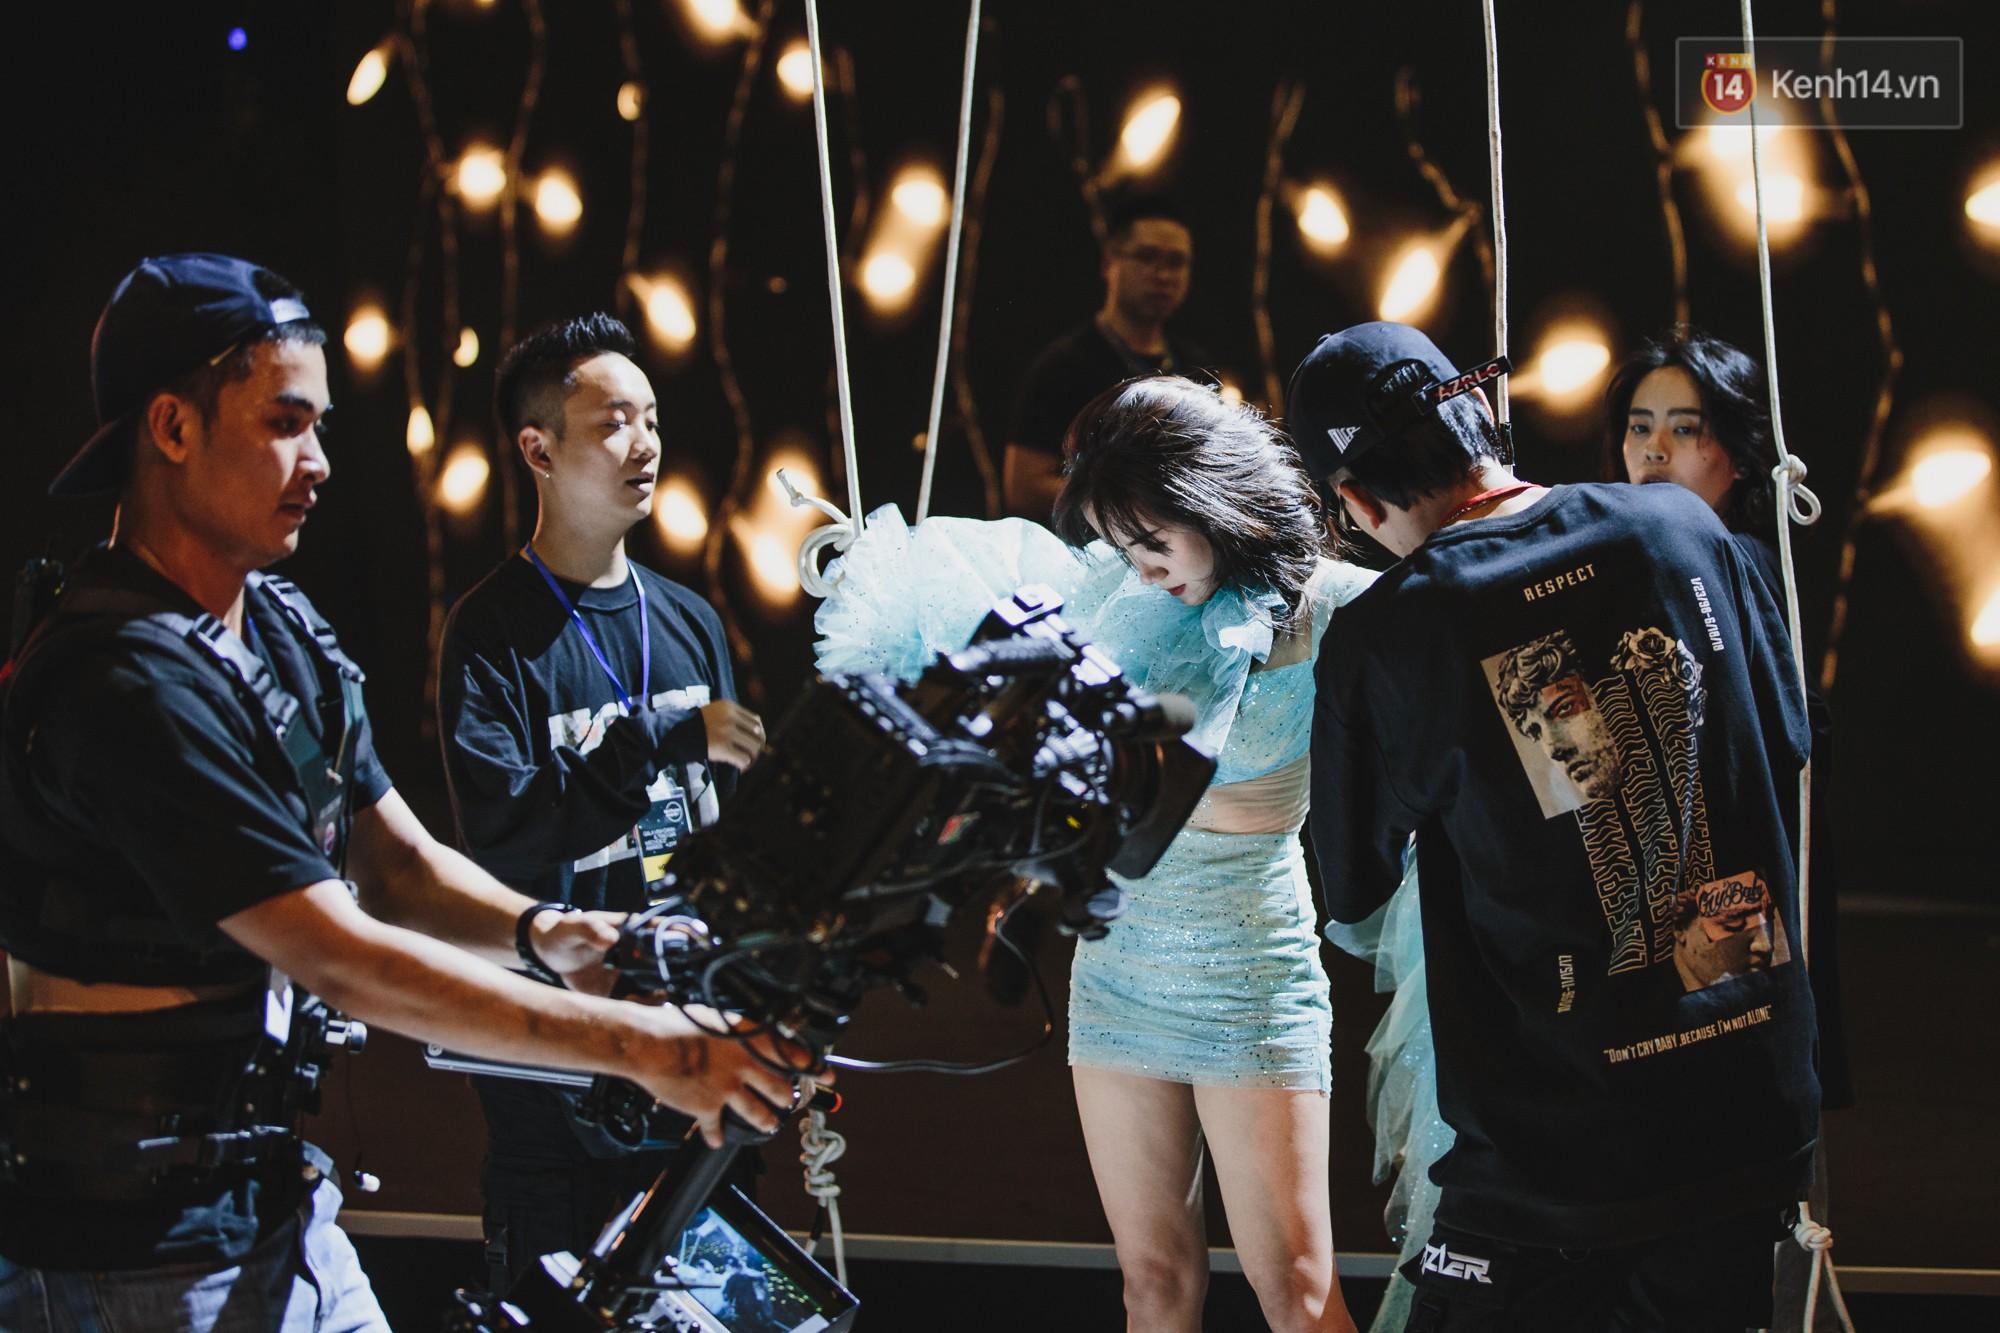 BinZ, Andree, Kimmese xuất hiện cực ngầu, cùng dàn nghệ sĩ tổng duyệt lần cuối sát giờ G Gala WeChoice - Ảnh 7.